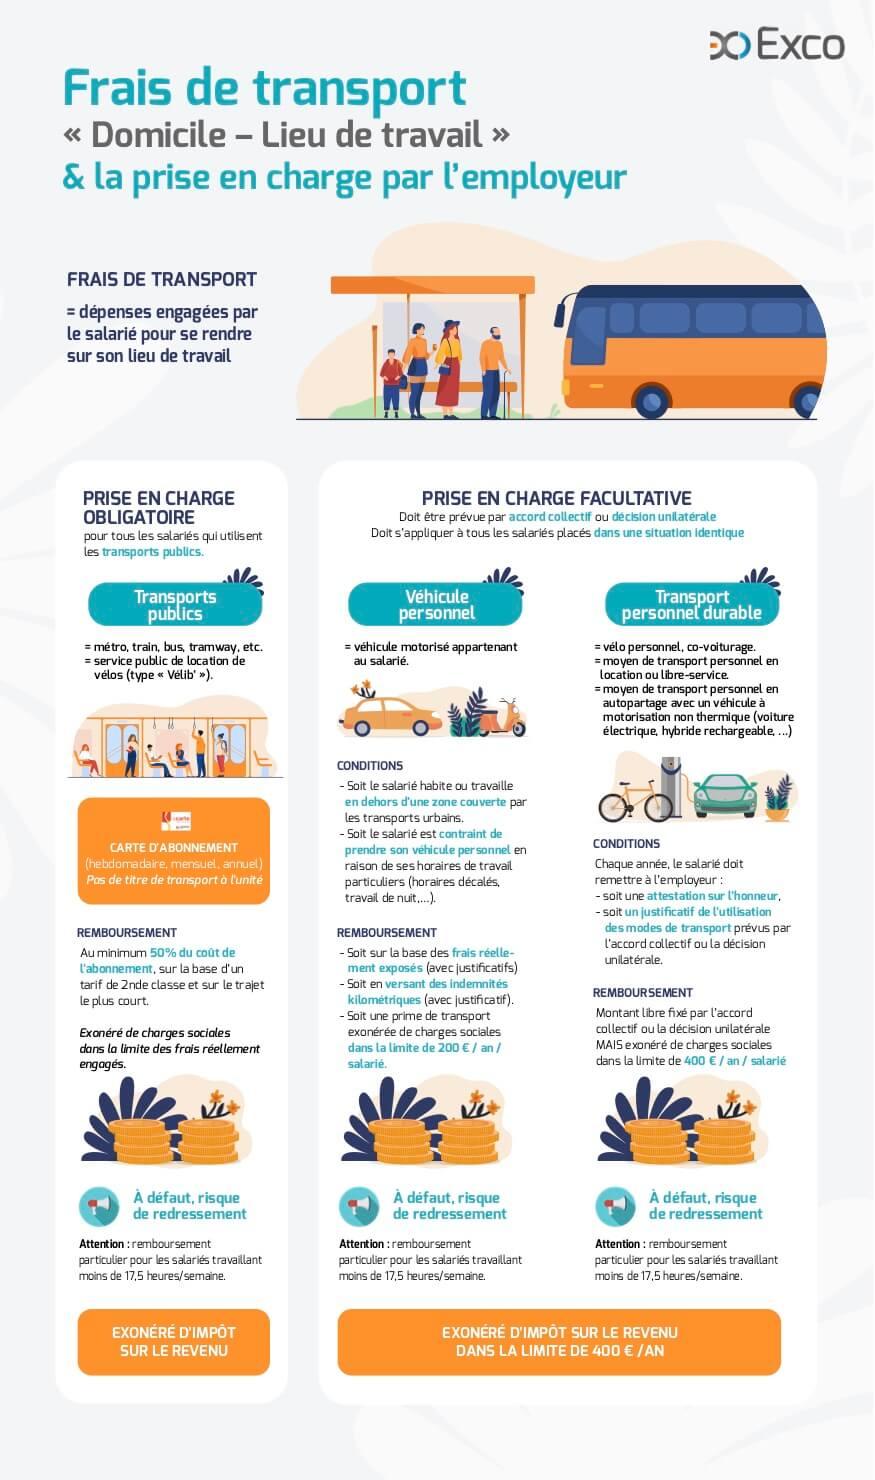 Frais de transport « Domicile – Lieu de travail » & la prise en charge par l'employeur